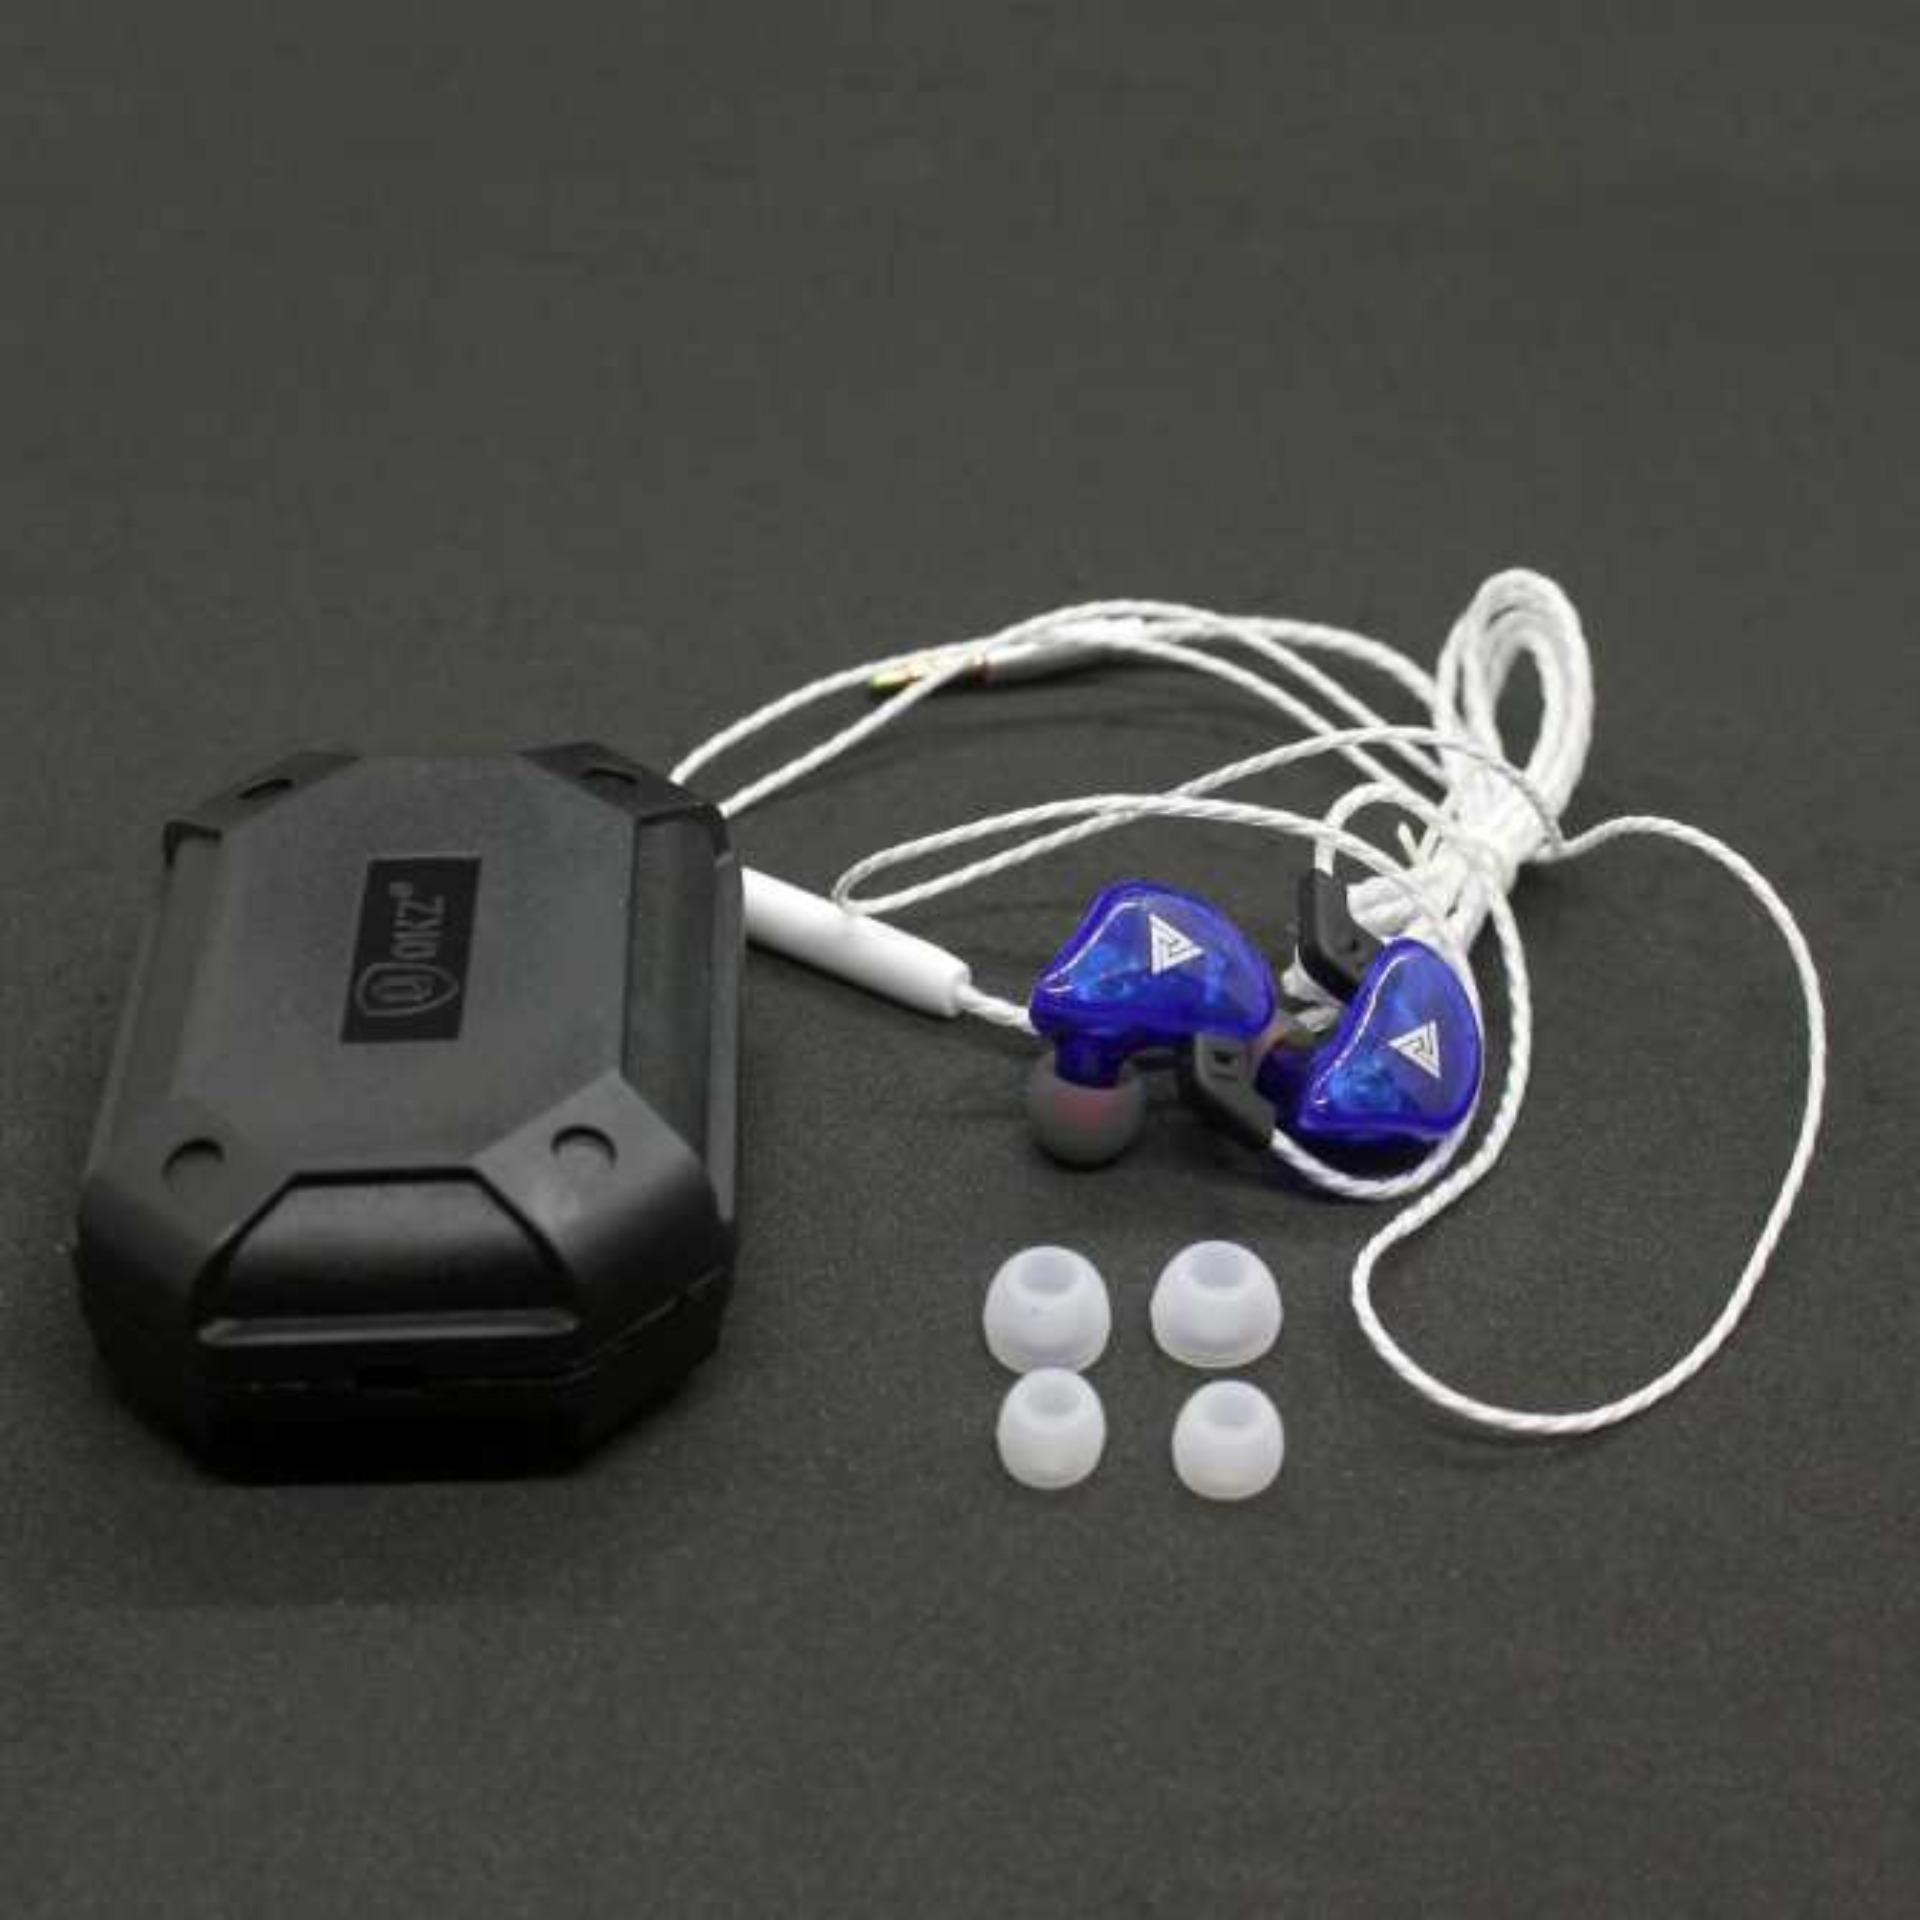 KIT 7 Fones QKZ CK5 Hi-Fi Com Case Original QKZ